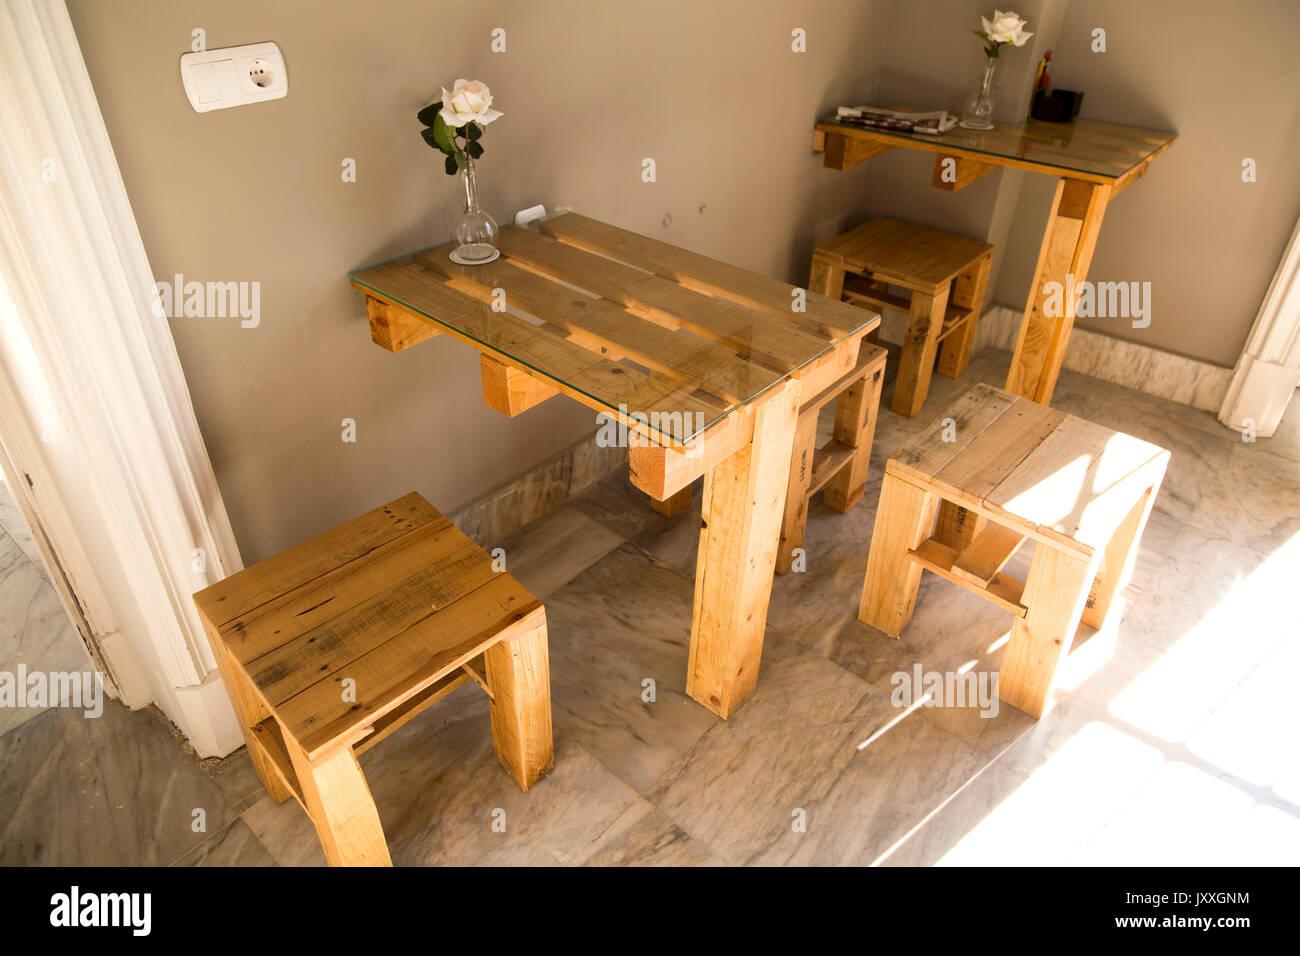 El bar del hotel los muebles hechos de palets de madera for Fabricacion de muebles de palets de madera